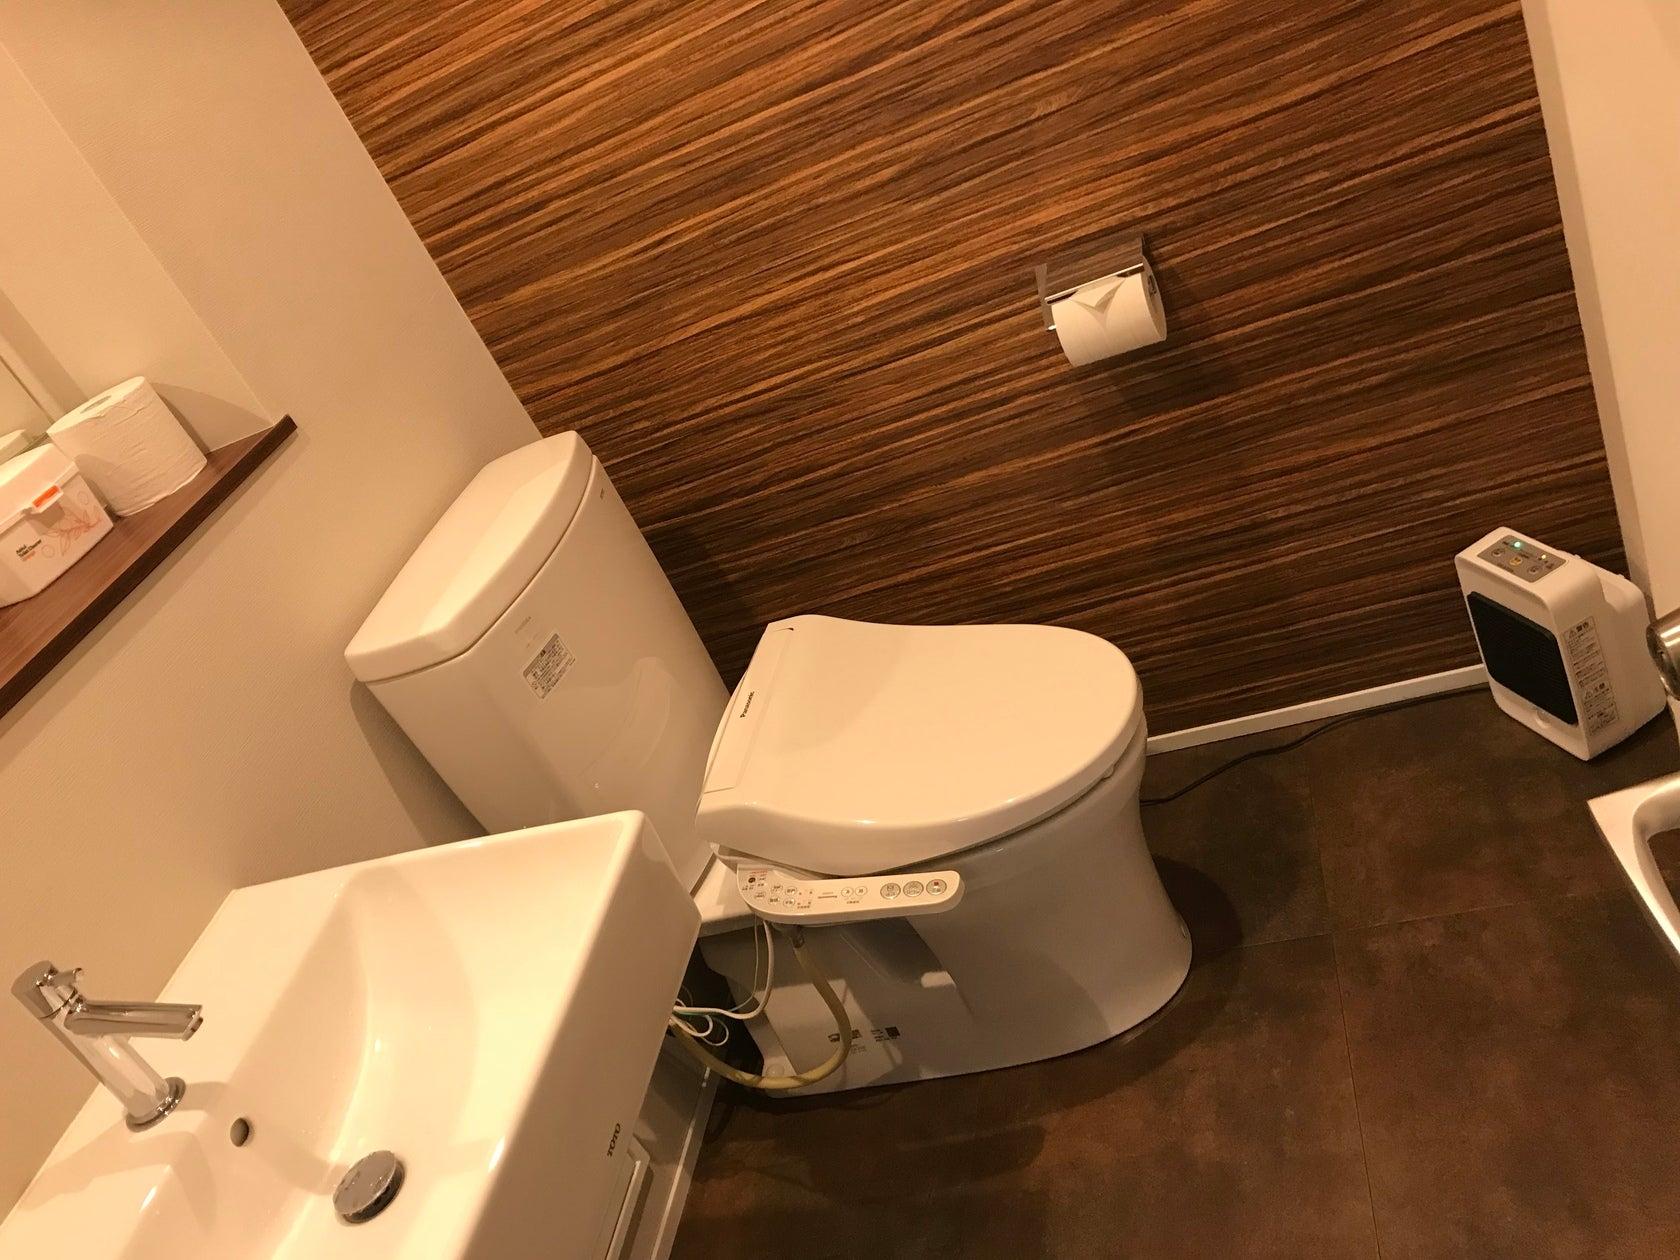 トイレはスペース外にあります。 三軒茶屋saloon専用になります。